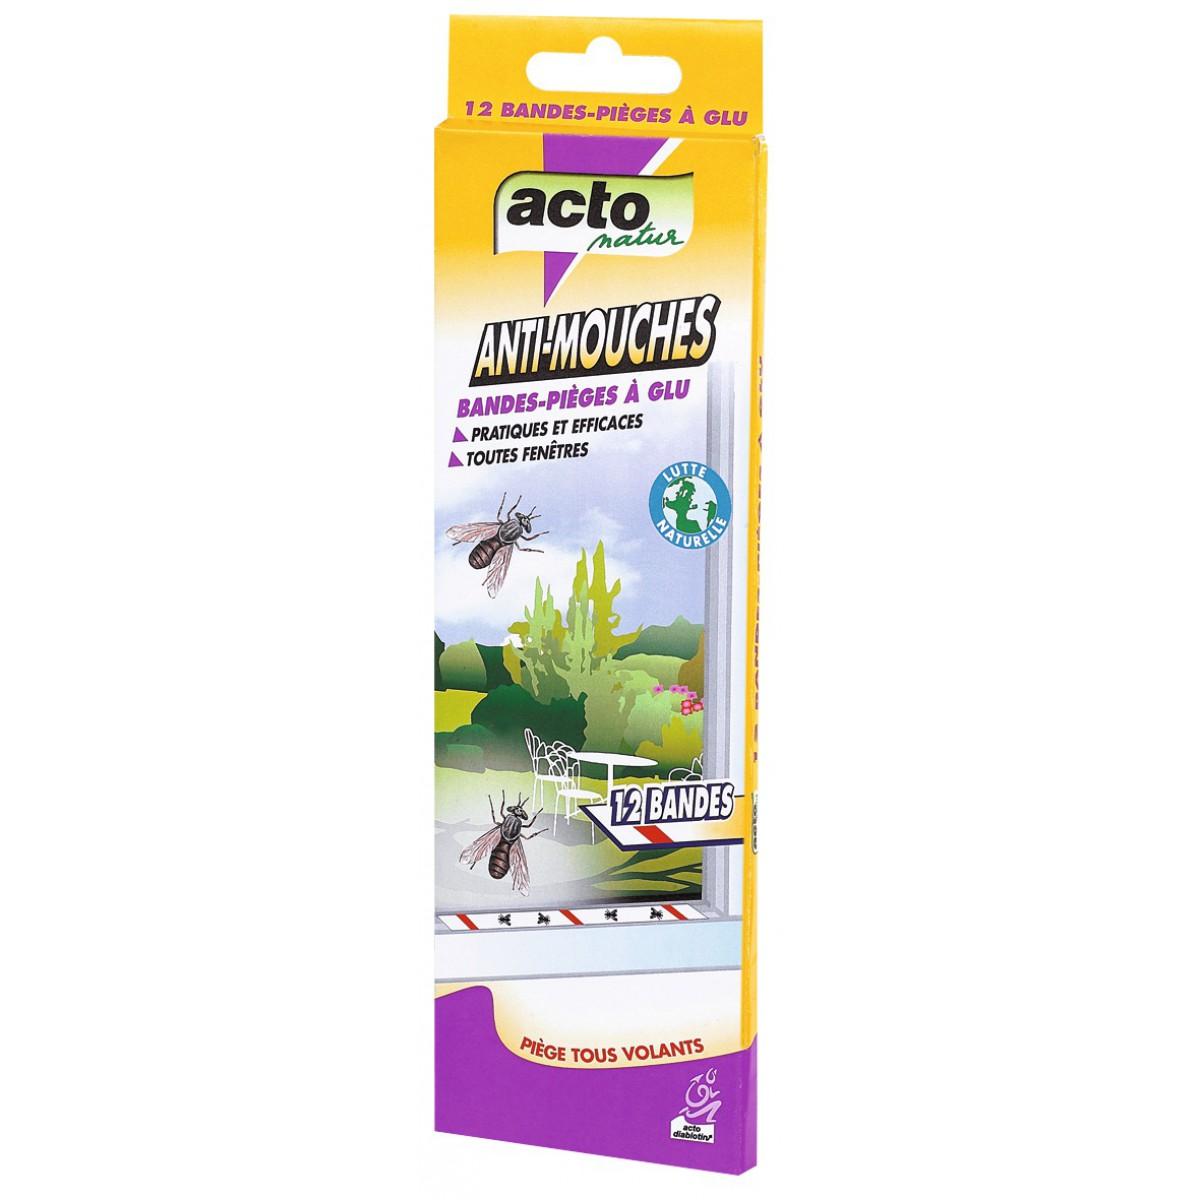 Mouches bande de glue acto 12 bandes de insecticide mouches 1072088 mon magasin g n ral for Peinture anti mouche